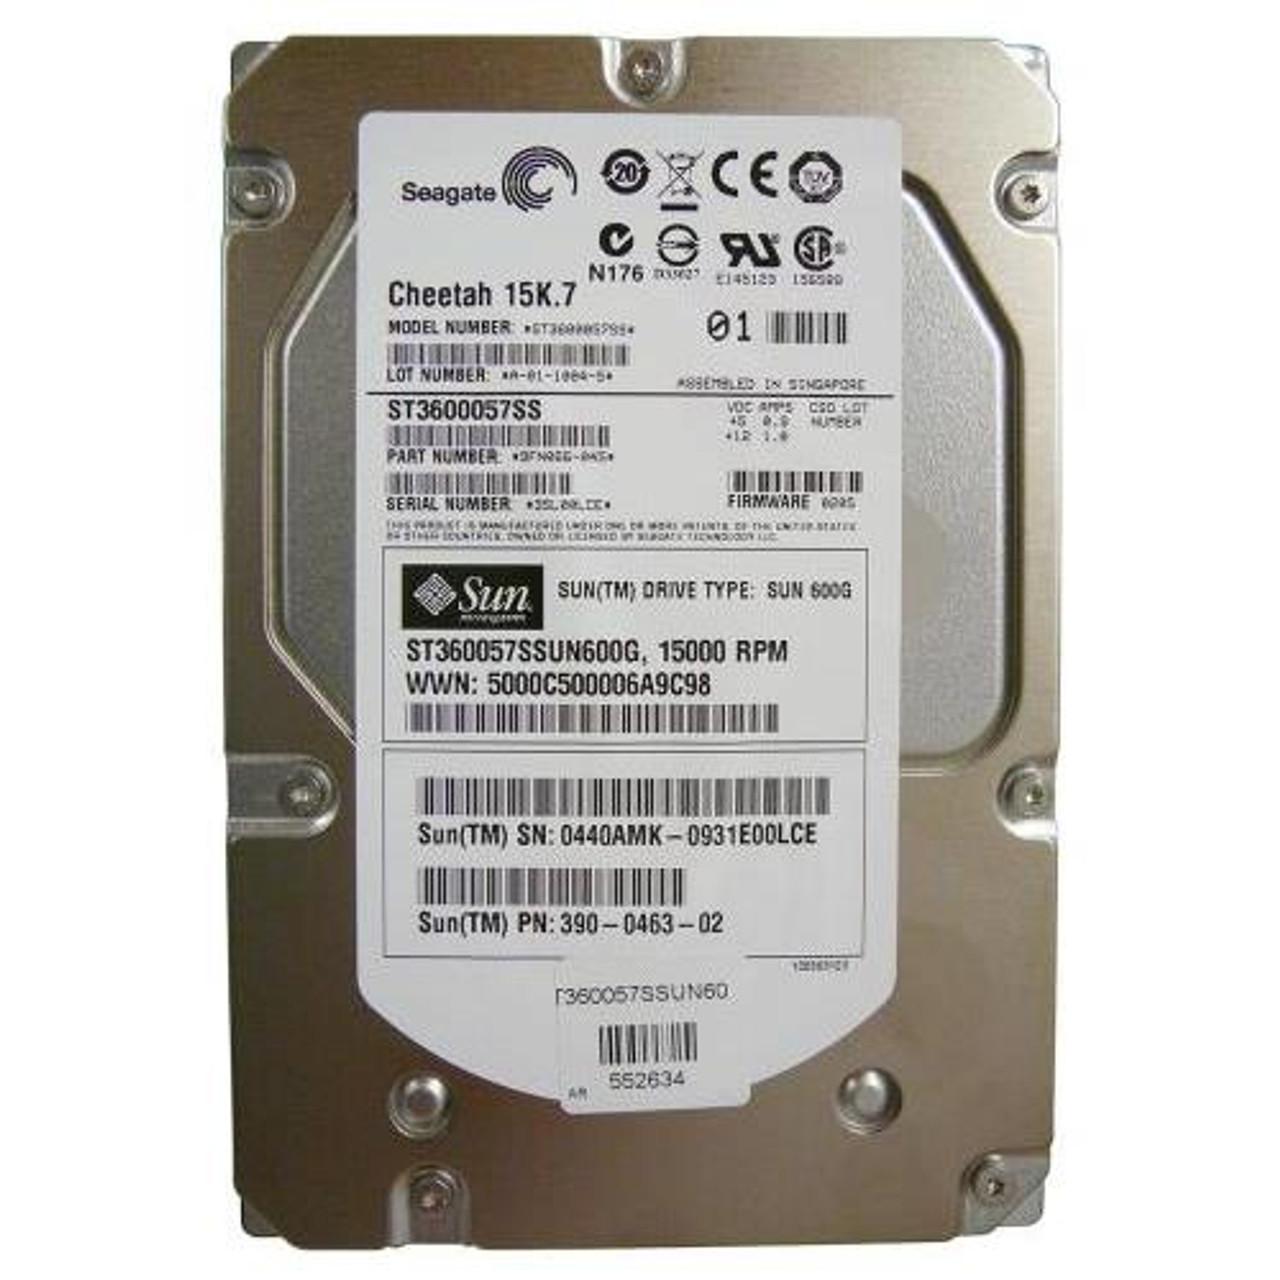 """Seagate Cheetah 15k.7 600GB 15K 3.5/"""" SAS HDD ST3600057SS 9FN066-038"""